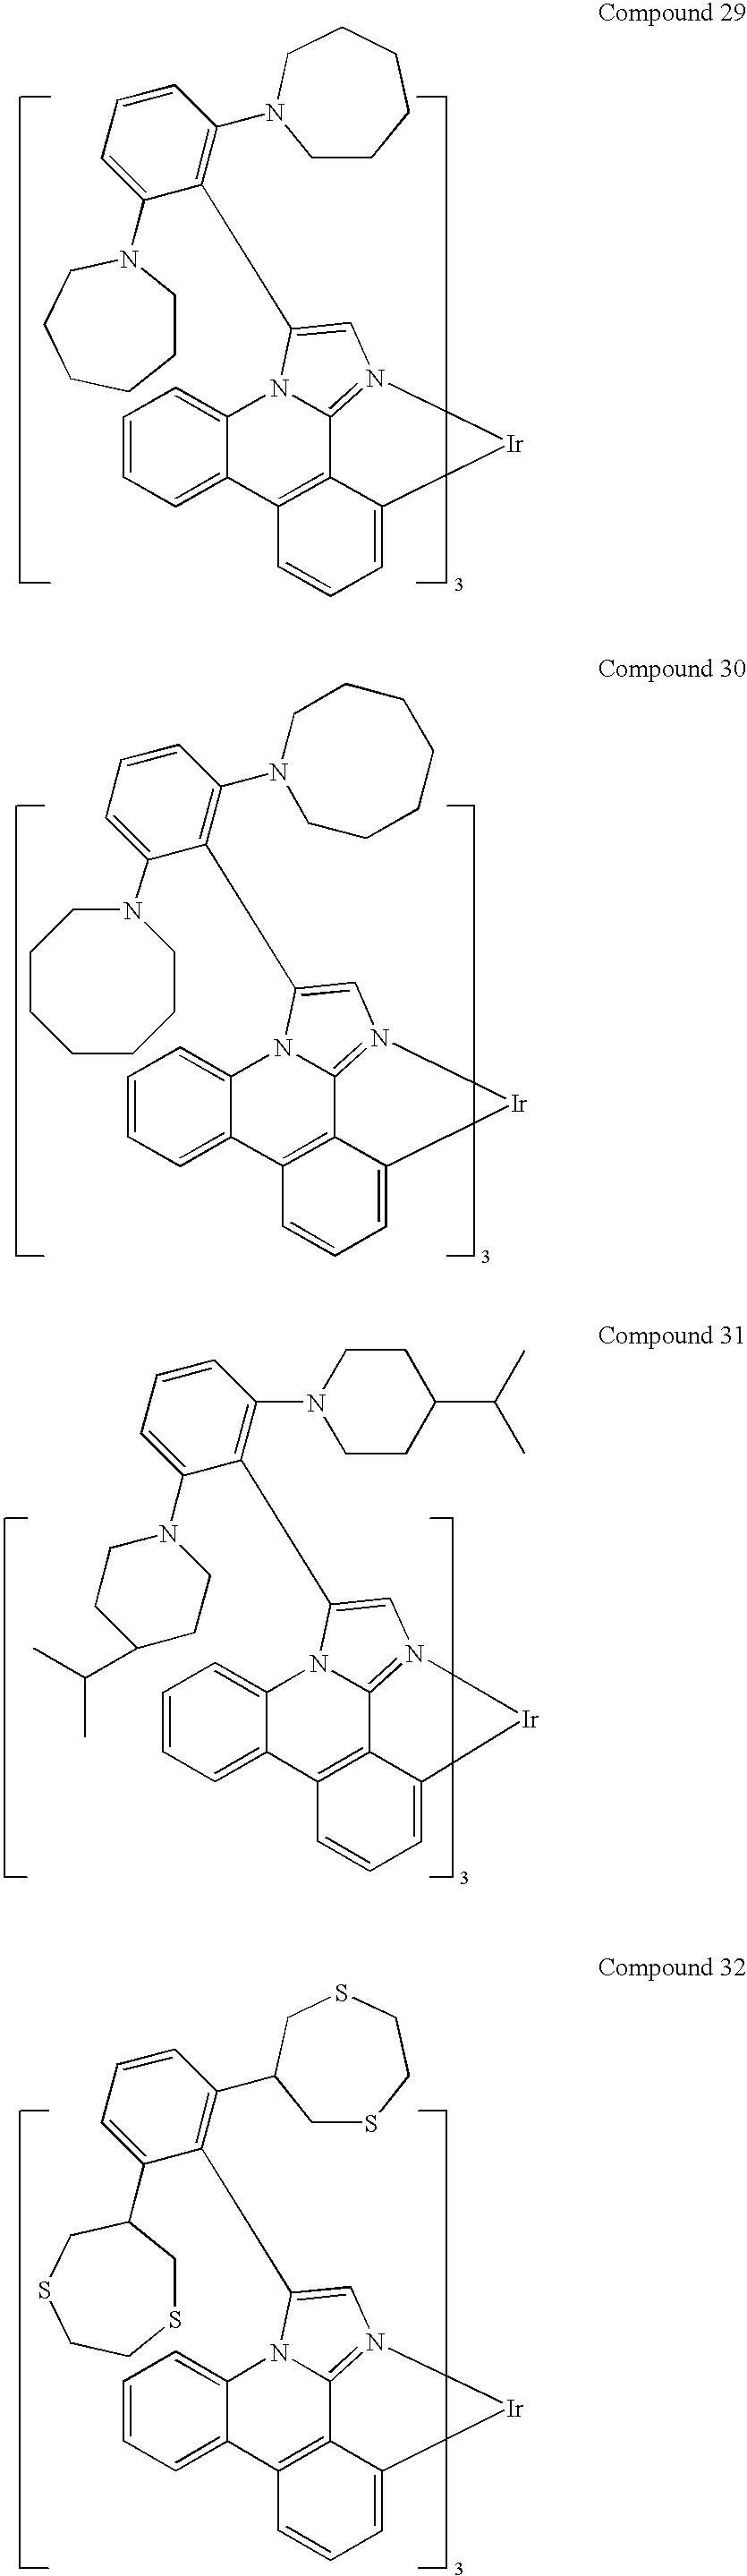 Figure US20100148663A1-20100617-C00181